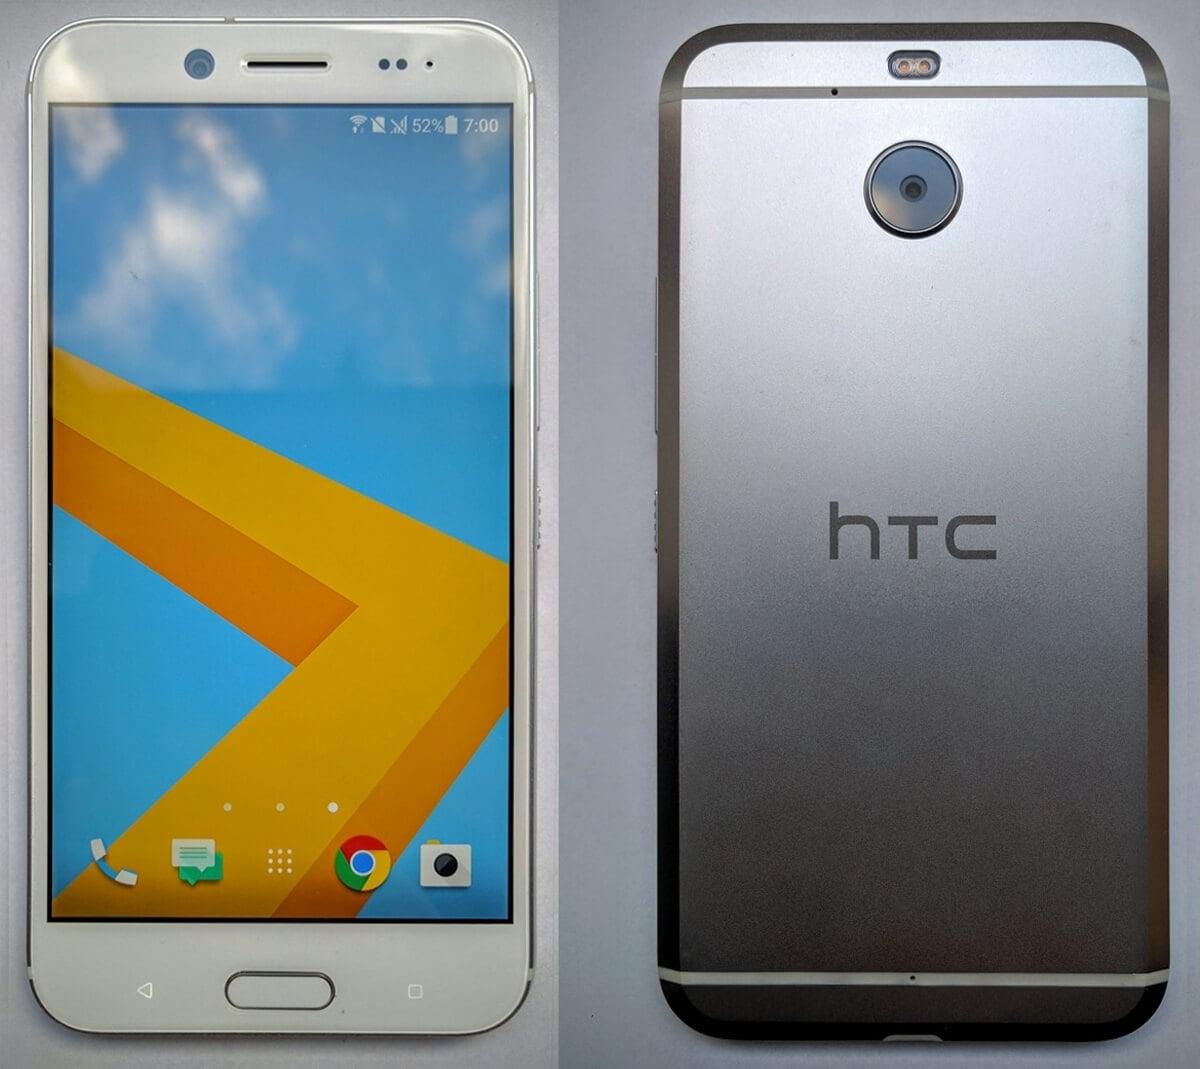 Oto, jak wygląda HTC Bolt - nowy smartfon z Tajwanu bez jacka 3,5 mm 24